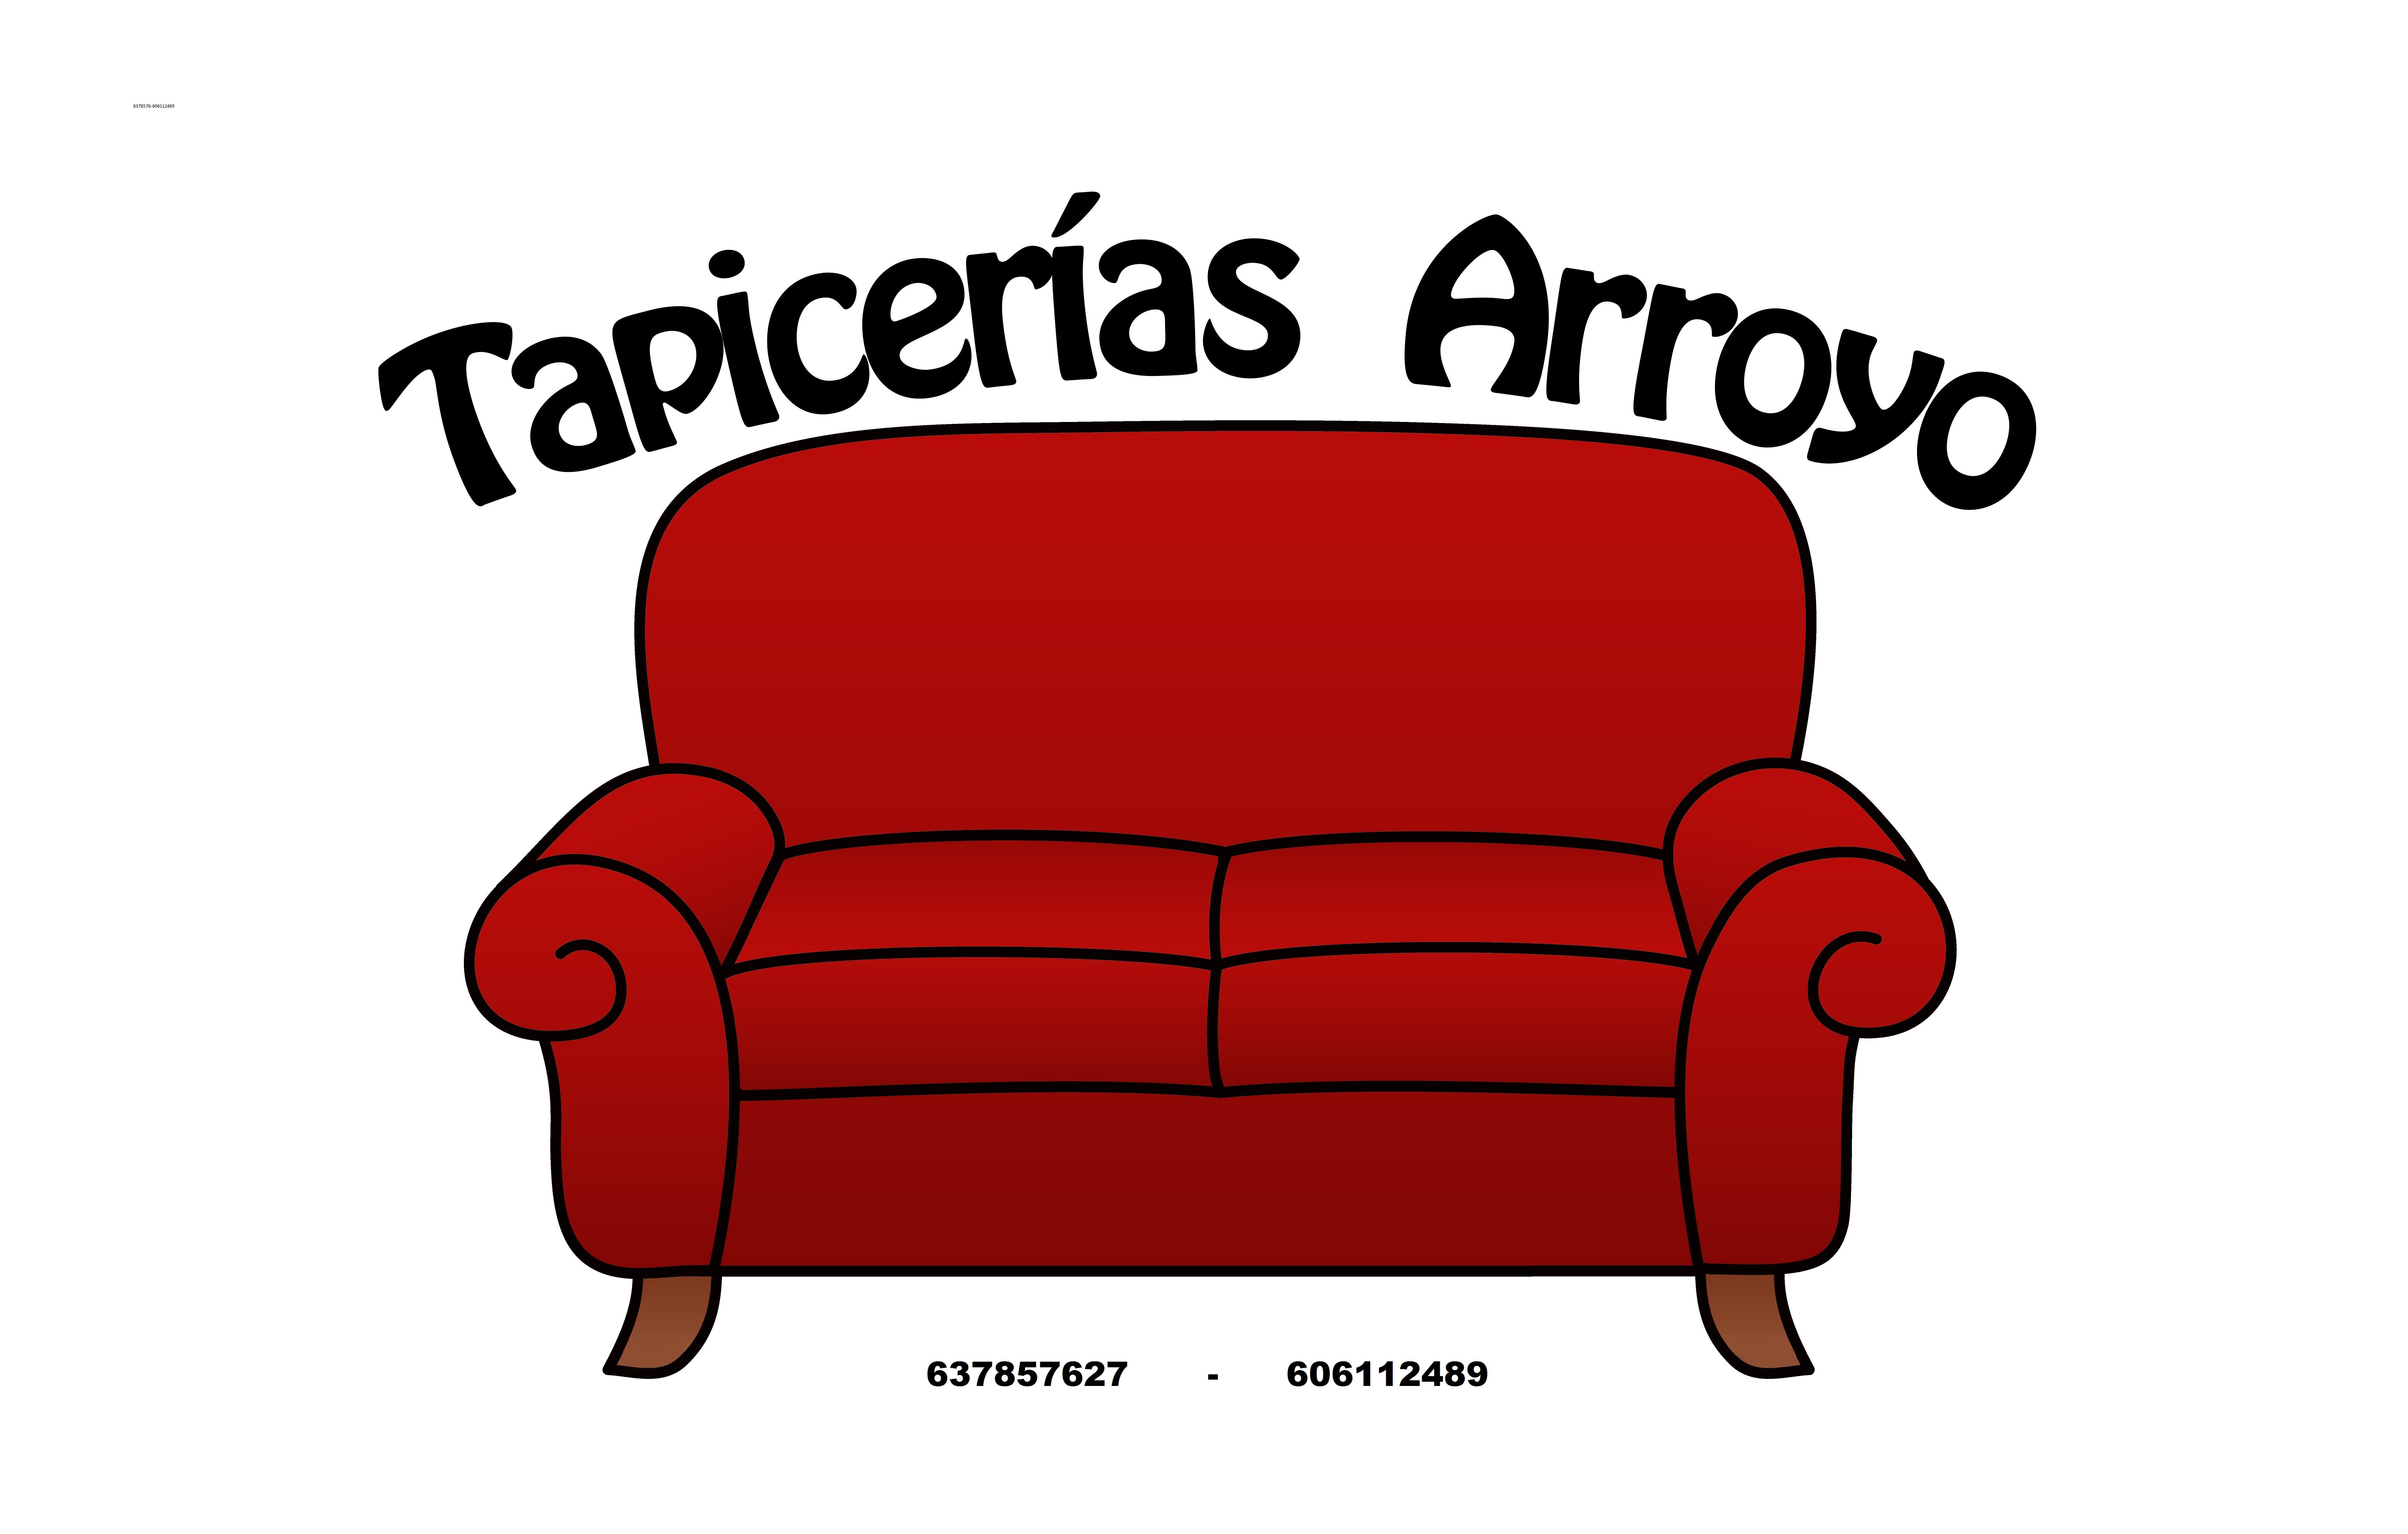 Tapiceriasarroyo